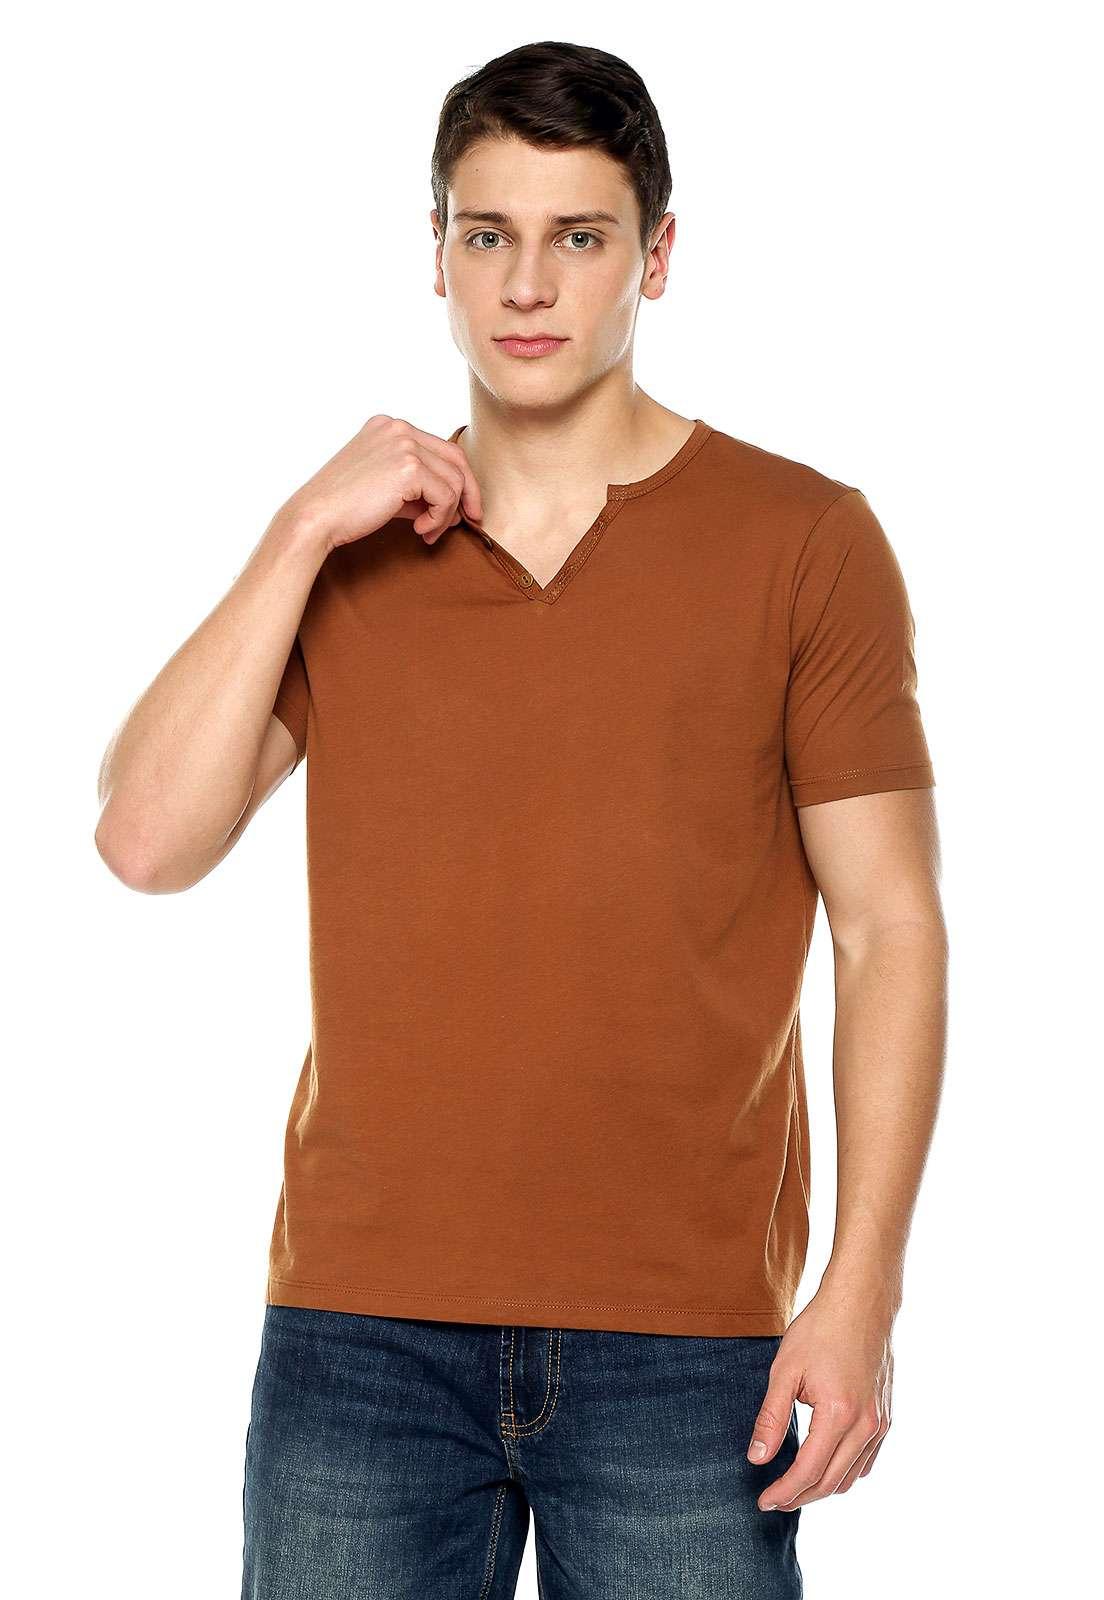 Camiseta Con Botones - Café | Polovers